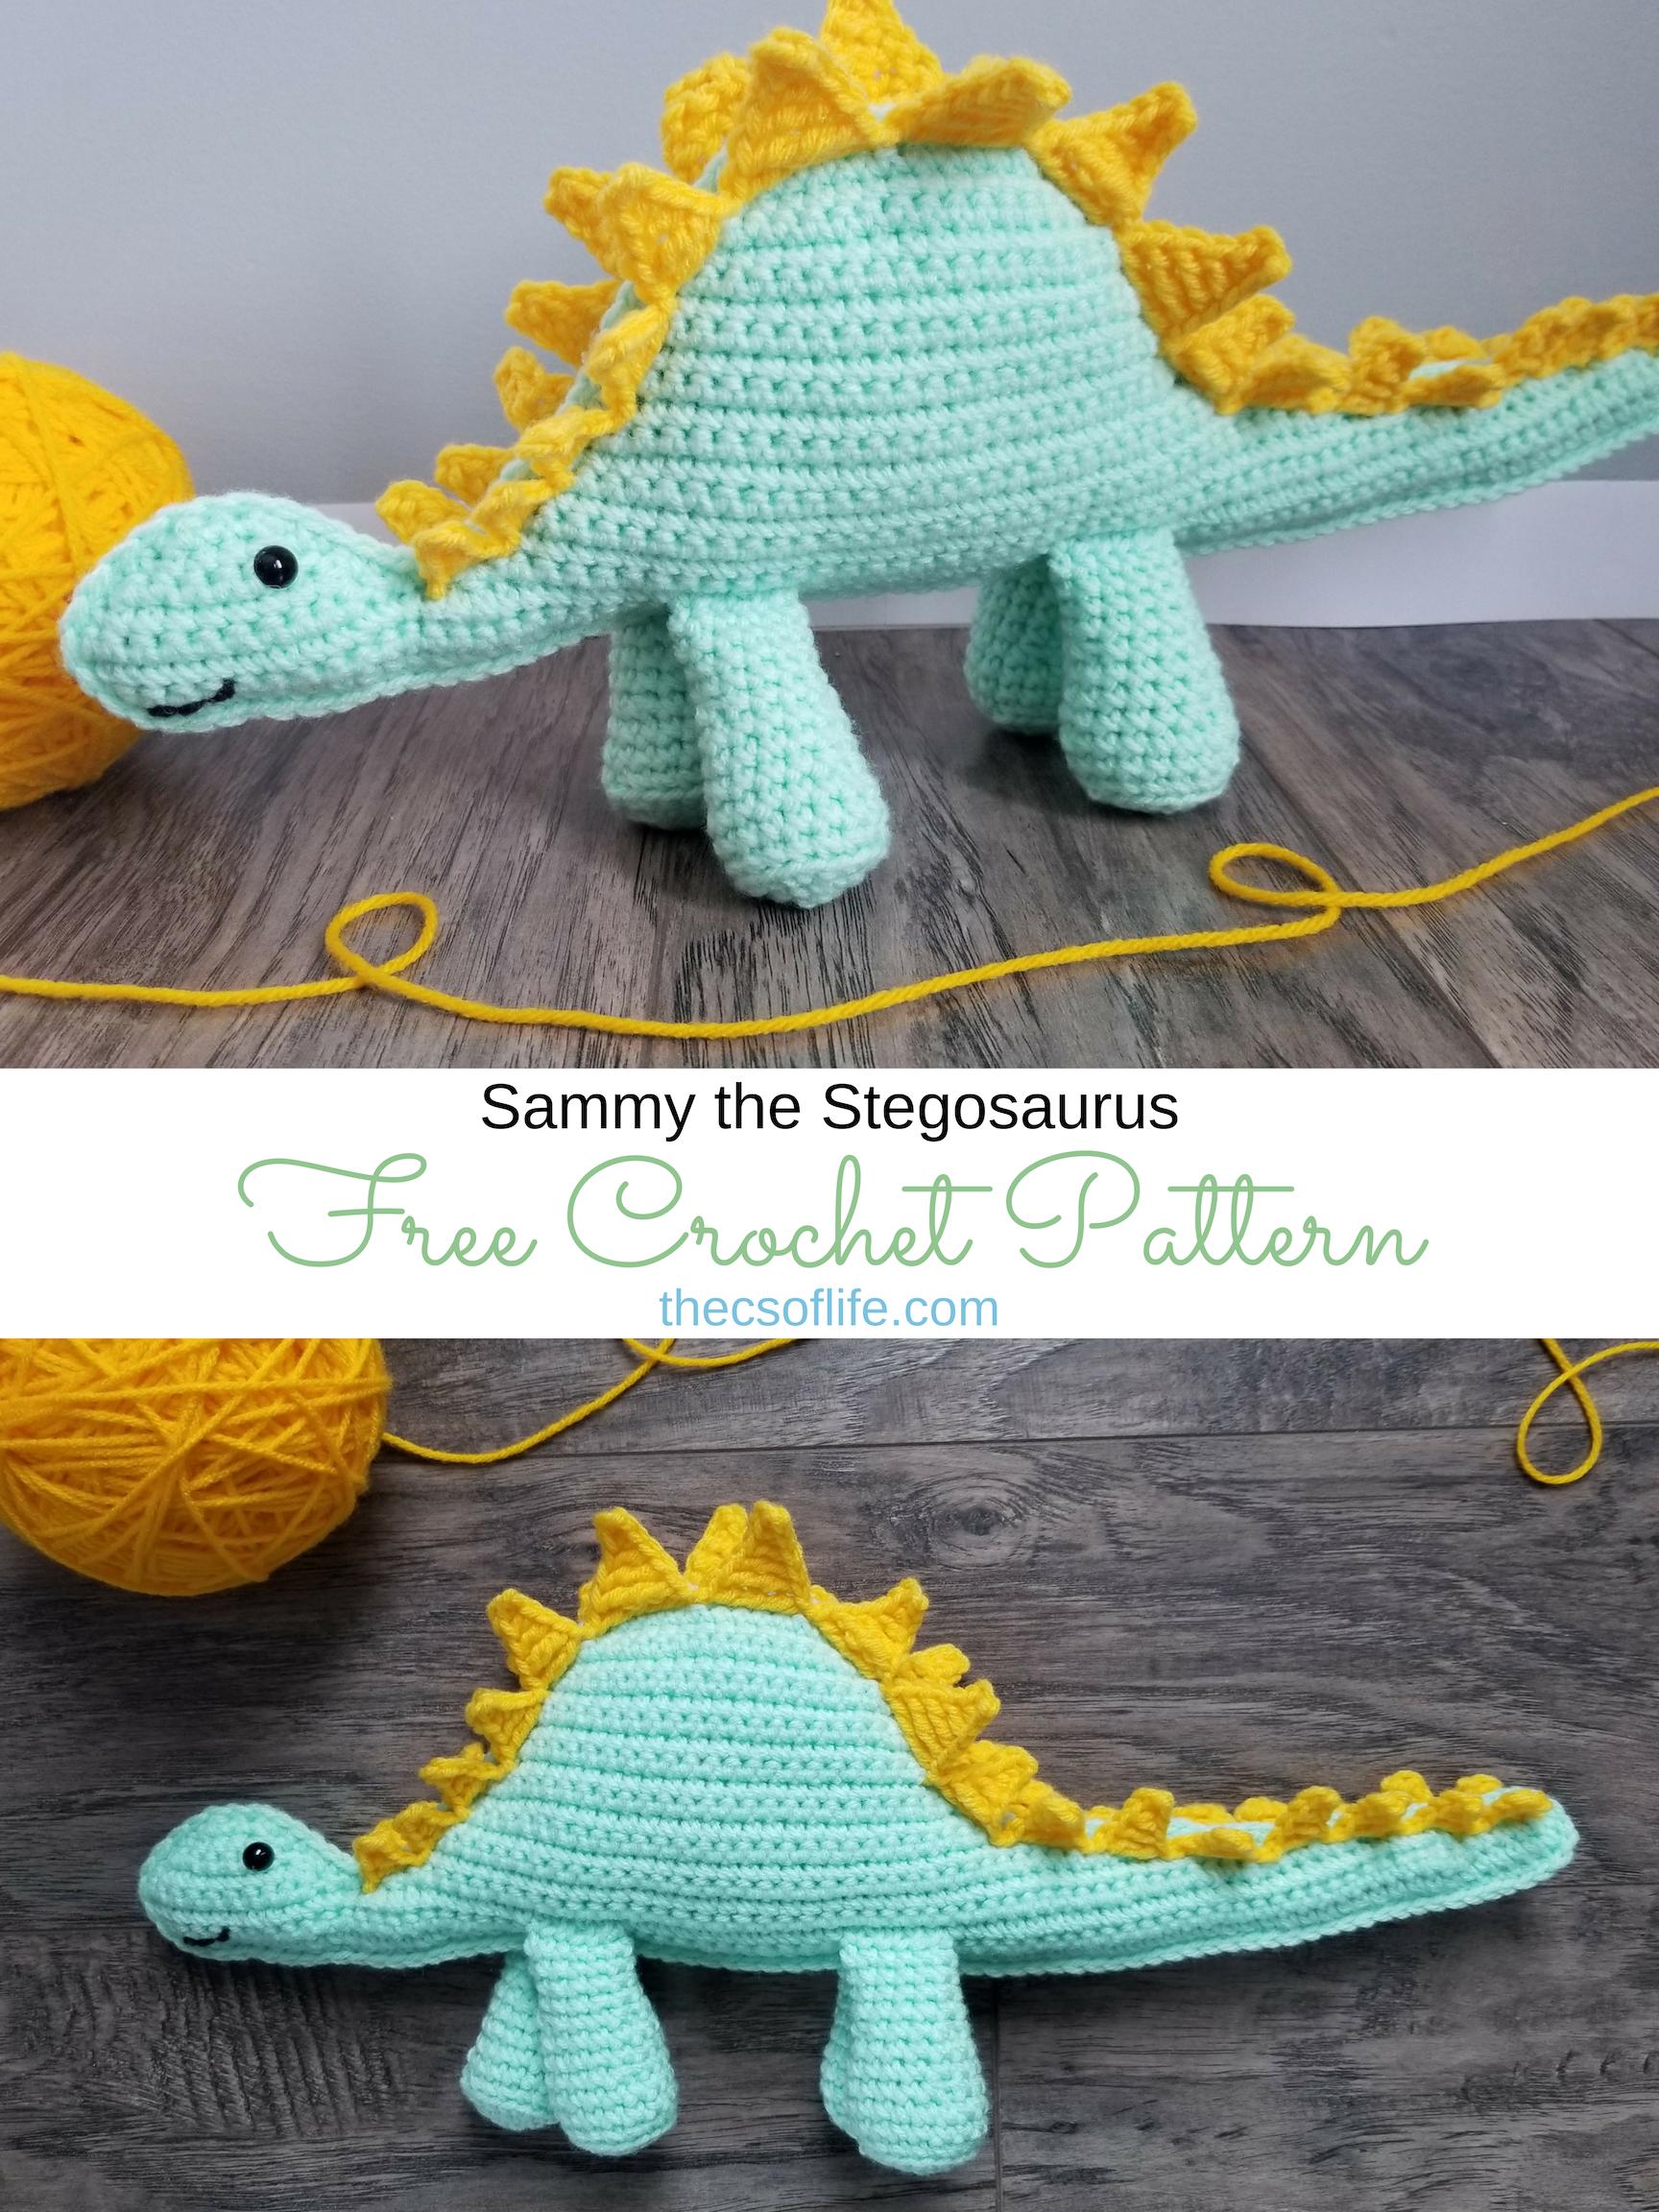 Sammy the Stegosaurus - Free Crochet Pattern